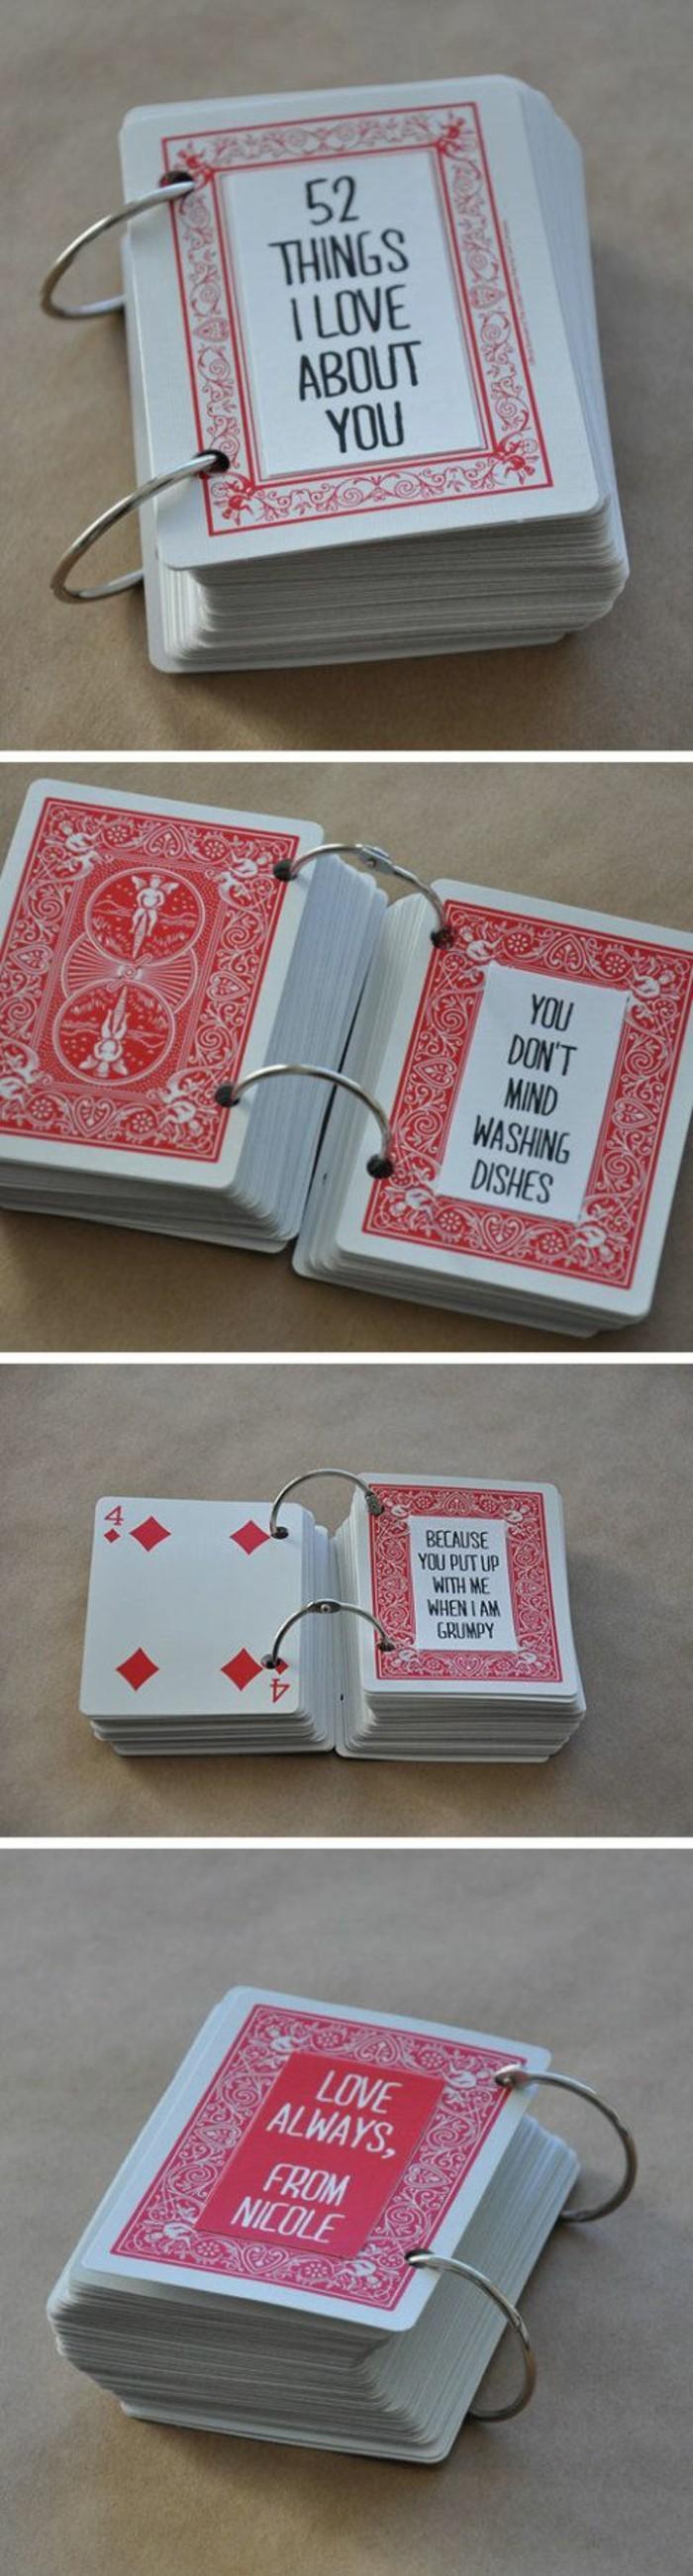 diy-geschenk-fuer-den-freund-spielkarten-warum-liebe-ich-dich